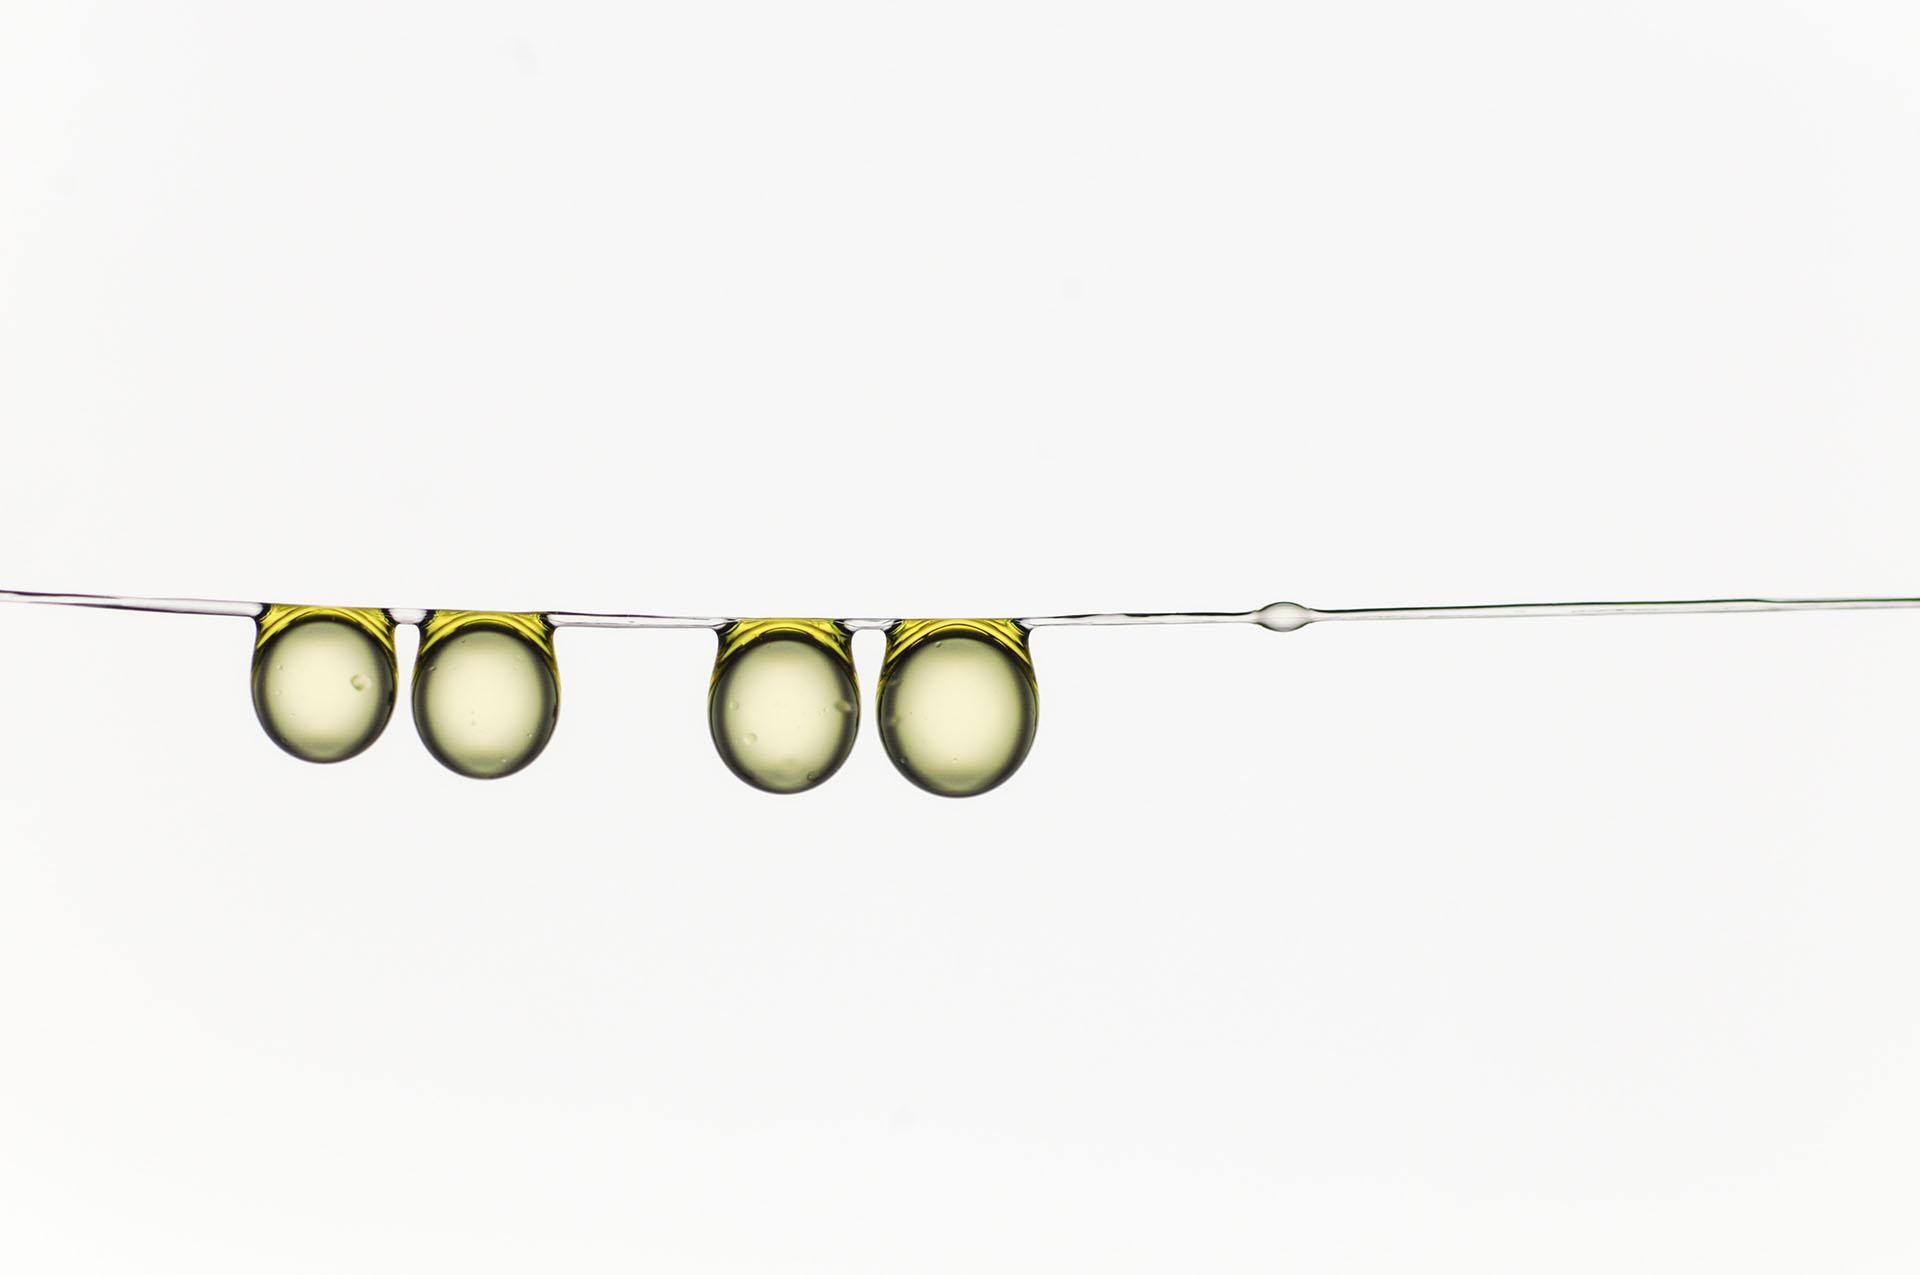 """Ganador de la categoría Microimaging. """"Familia de gotas de aceite de oliva colgando juntas"""", por Hervé Elettro"""